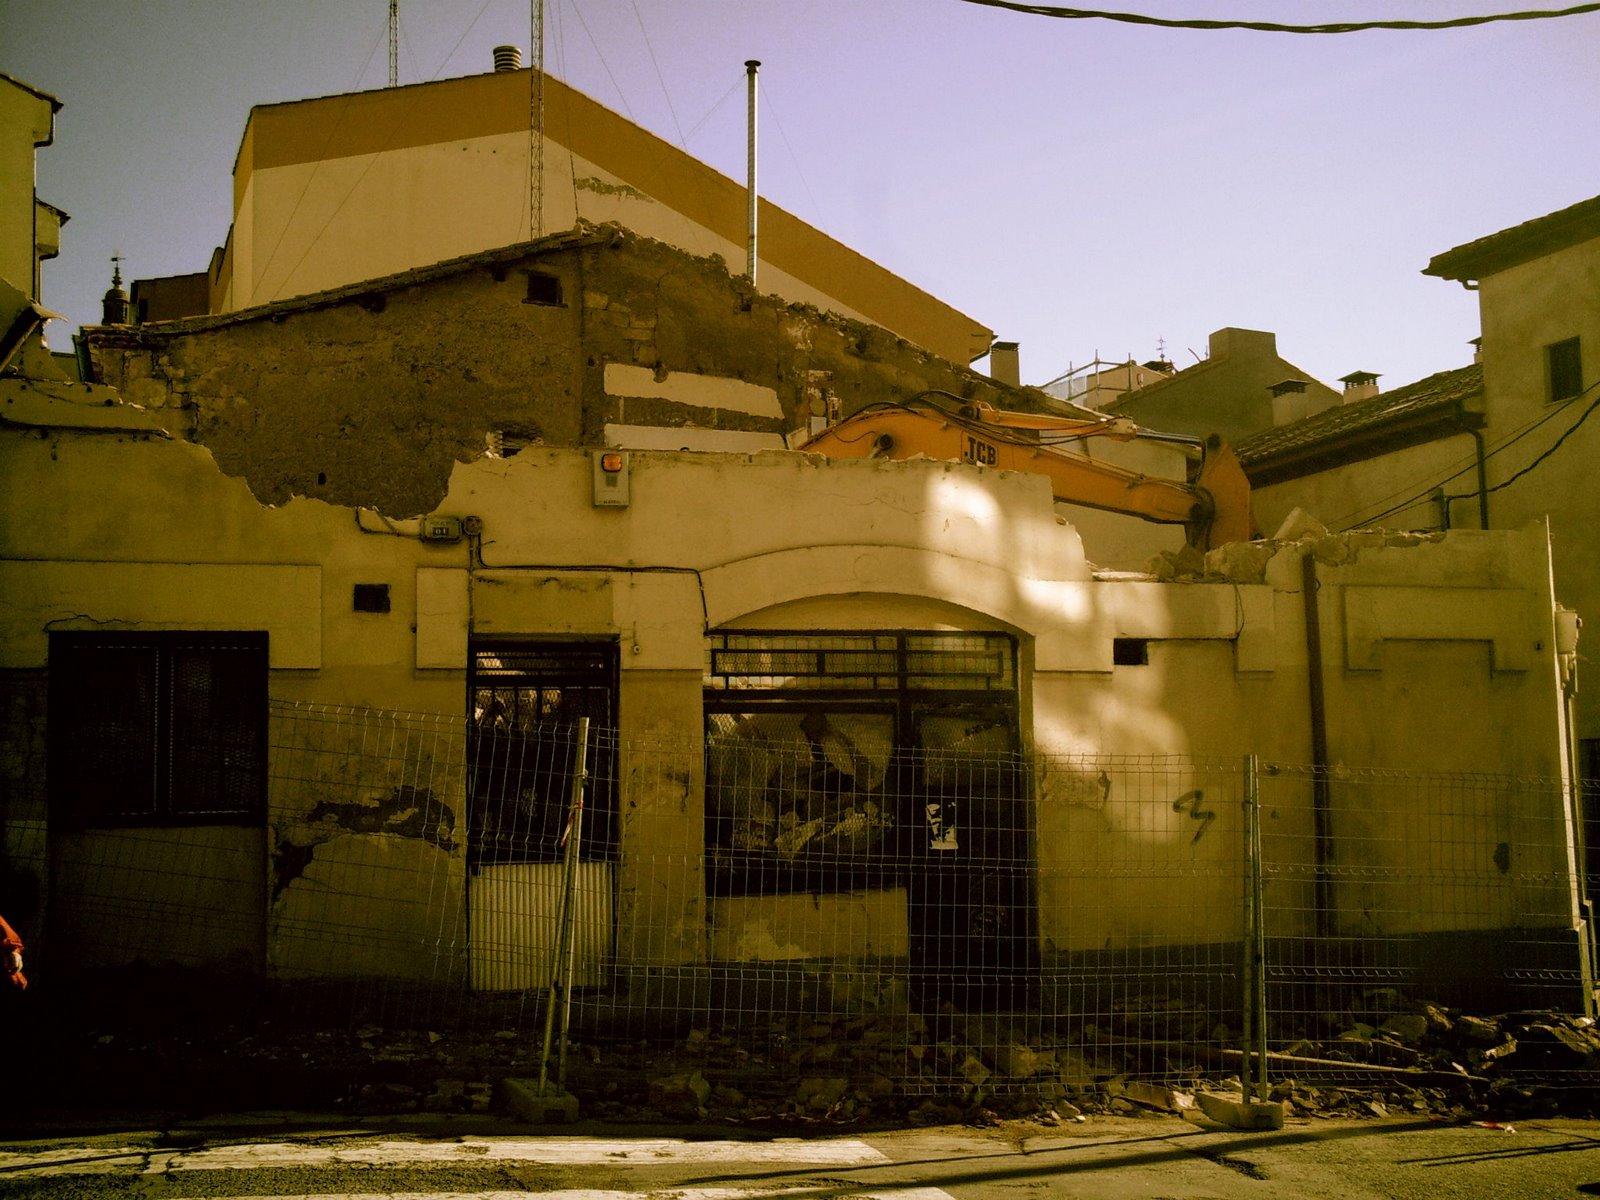 El Sol, barrio chino de Salamanca